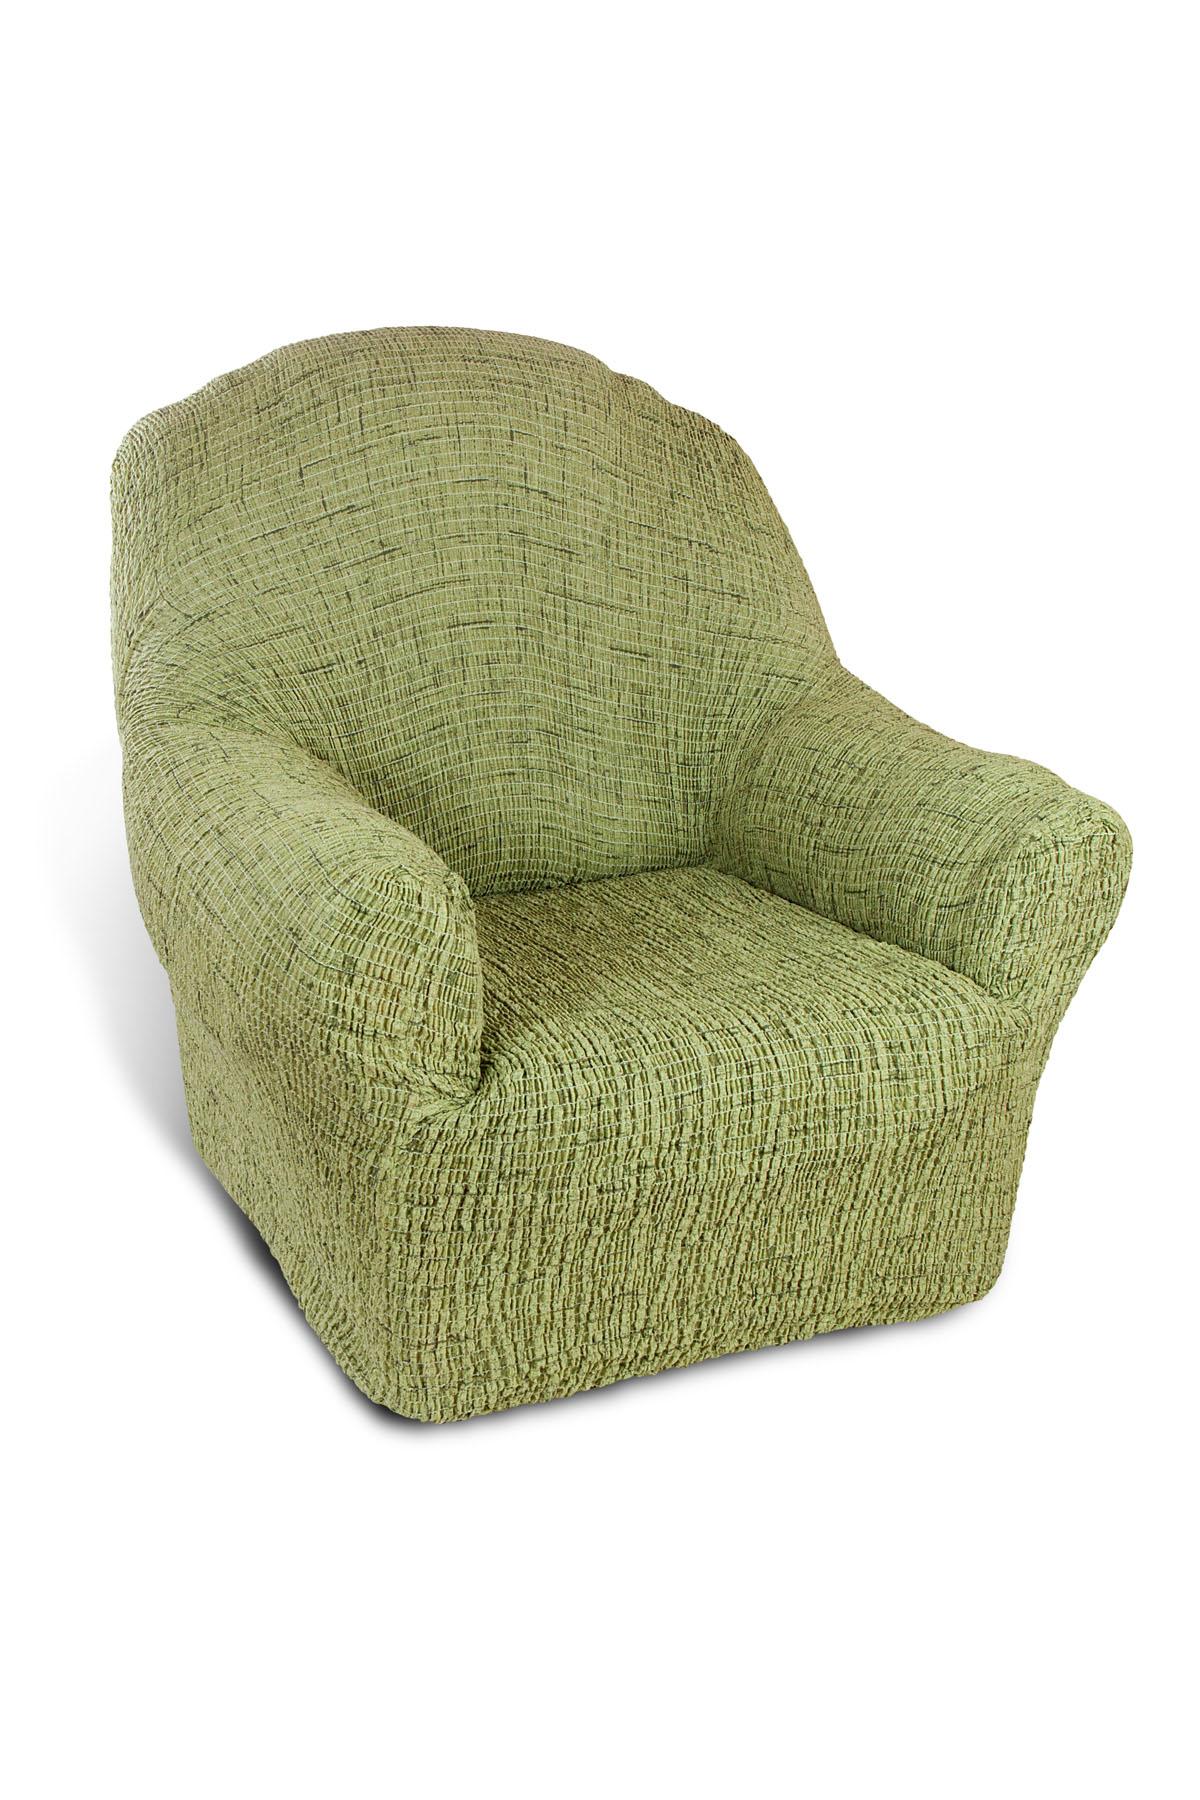 Чехол на кресло Еврочехол Плиссе, цвет: фисташковый, 60-90 см7/48-1Чехол на кресло Еврочехол Плиссе выполнен из 50% хлопка и 50% полиэстера. Такой состав ткани гипоаллергенен, а потому безопасен для малышей или людей пожилого возраста. Такой чехол защитит вашу мебель от повседневных воздействий. Дизайн чехла отлично впишется в интерьер, выполненный из натуральных материалов. Приятный оттенок придаст ощущение свежести и единения с природой. Чехол Плиссе - отличный вариант для мебели в гостиной, кухне, спальне, детской или прихожей! Интерьер в стиле эко, кантри, фьюжн, хай-тек, скандинавских мотивов и других. Утонченный итальянский дизайн чехла отлично впишется в городские и загородные дома. Гарантированное итальянское качество производства обеспечит долгое пользование. Растяжимость чехла по спинке (без учета подлокотников): 60-90 см.